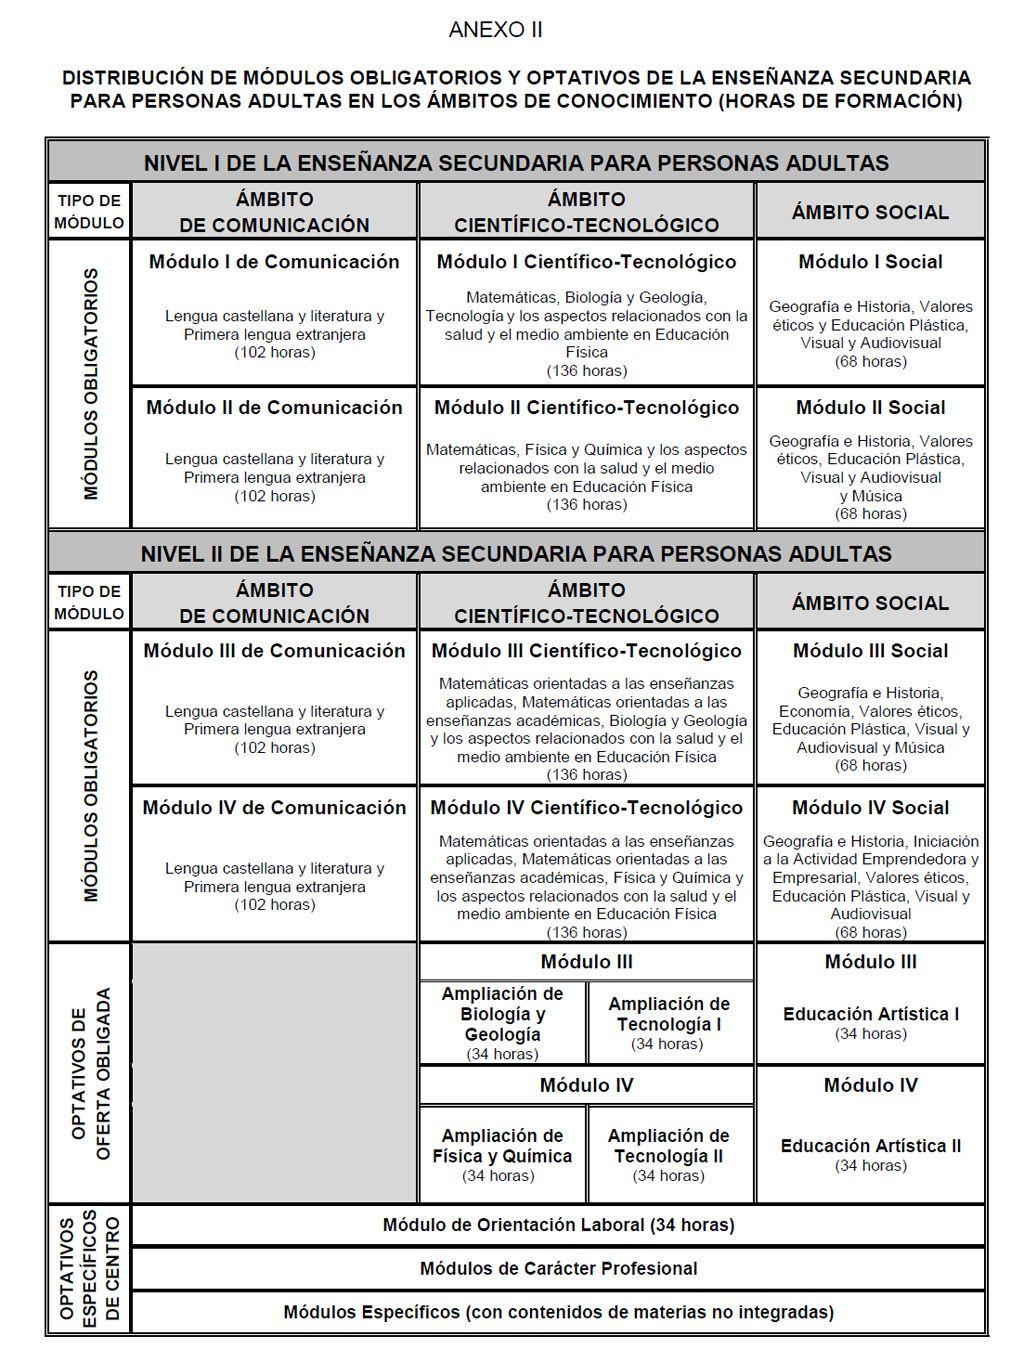 Currículo Enseñanza Secundaria de Personas Adultas - Stecyl-i